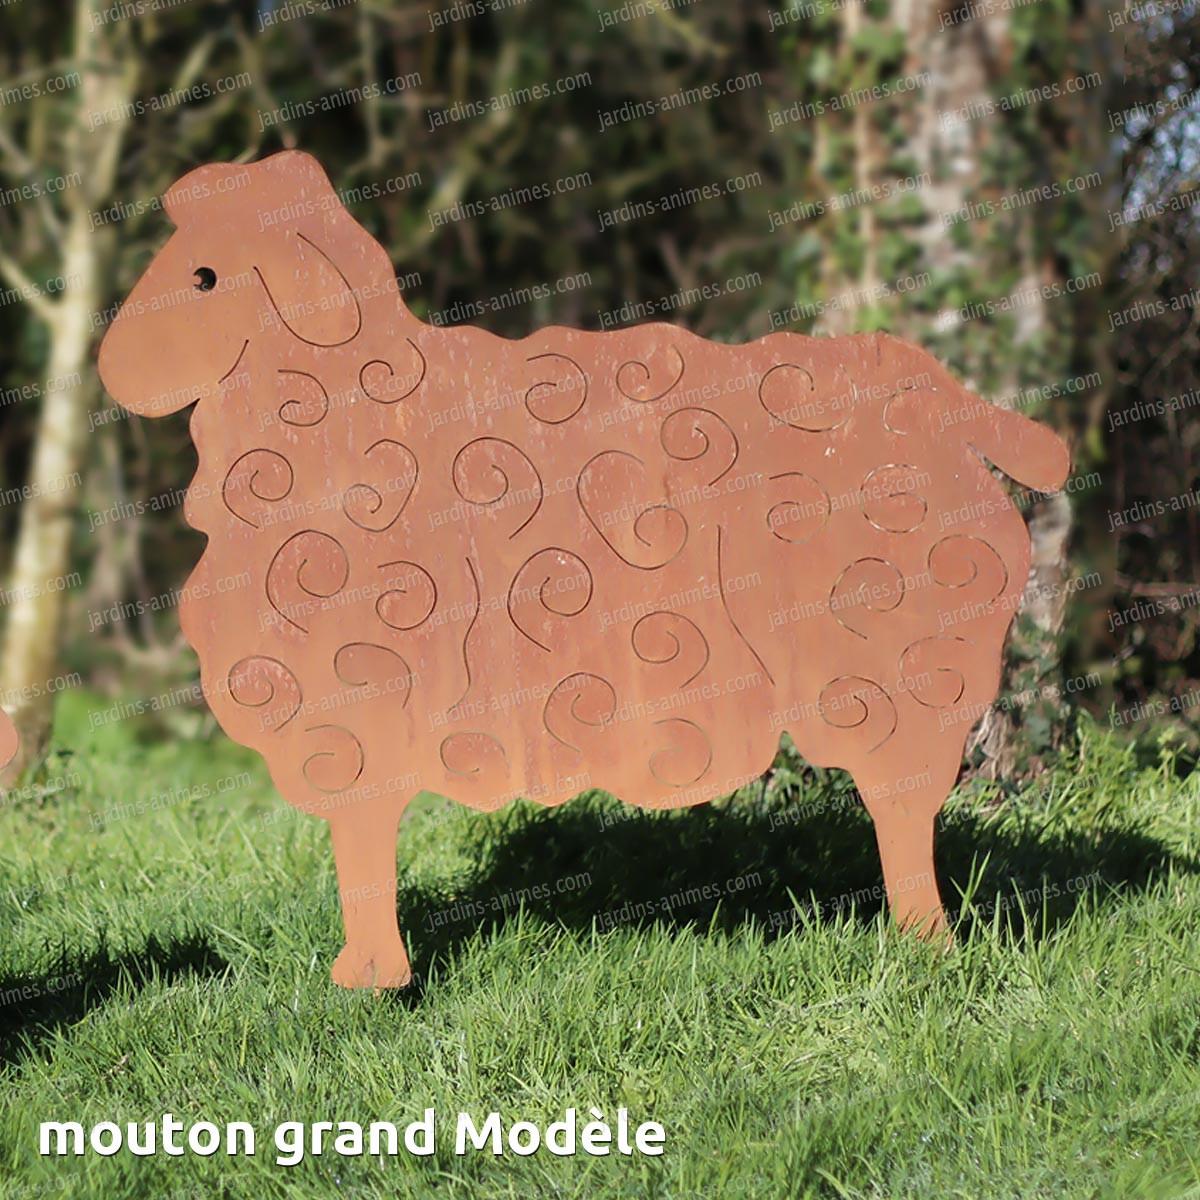 Silhouette mouton grand mod le objet et silhouette d co en m tal - Deco jardin mouton toulon ...